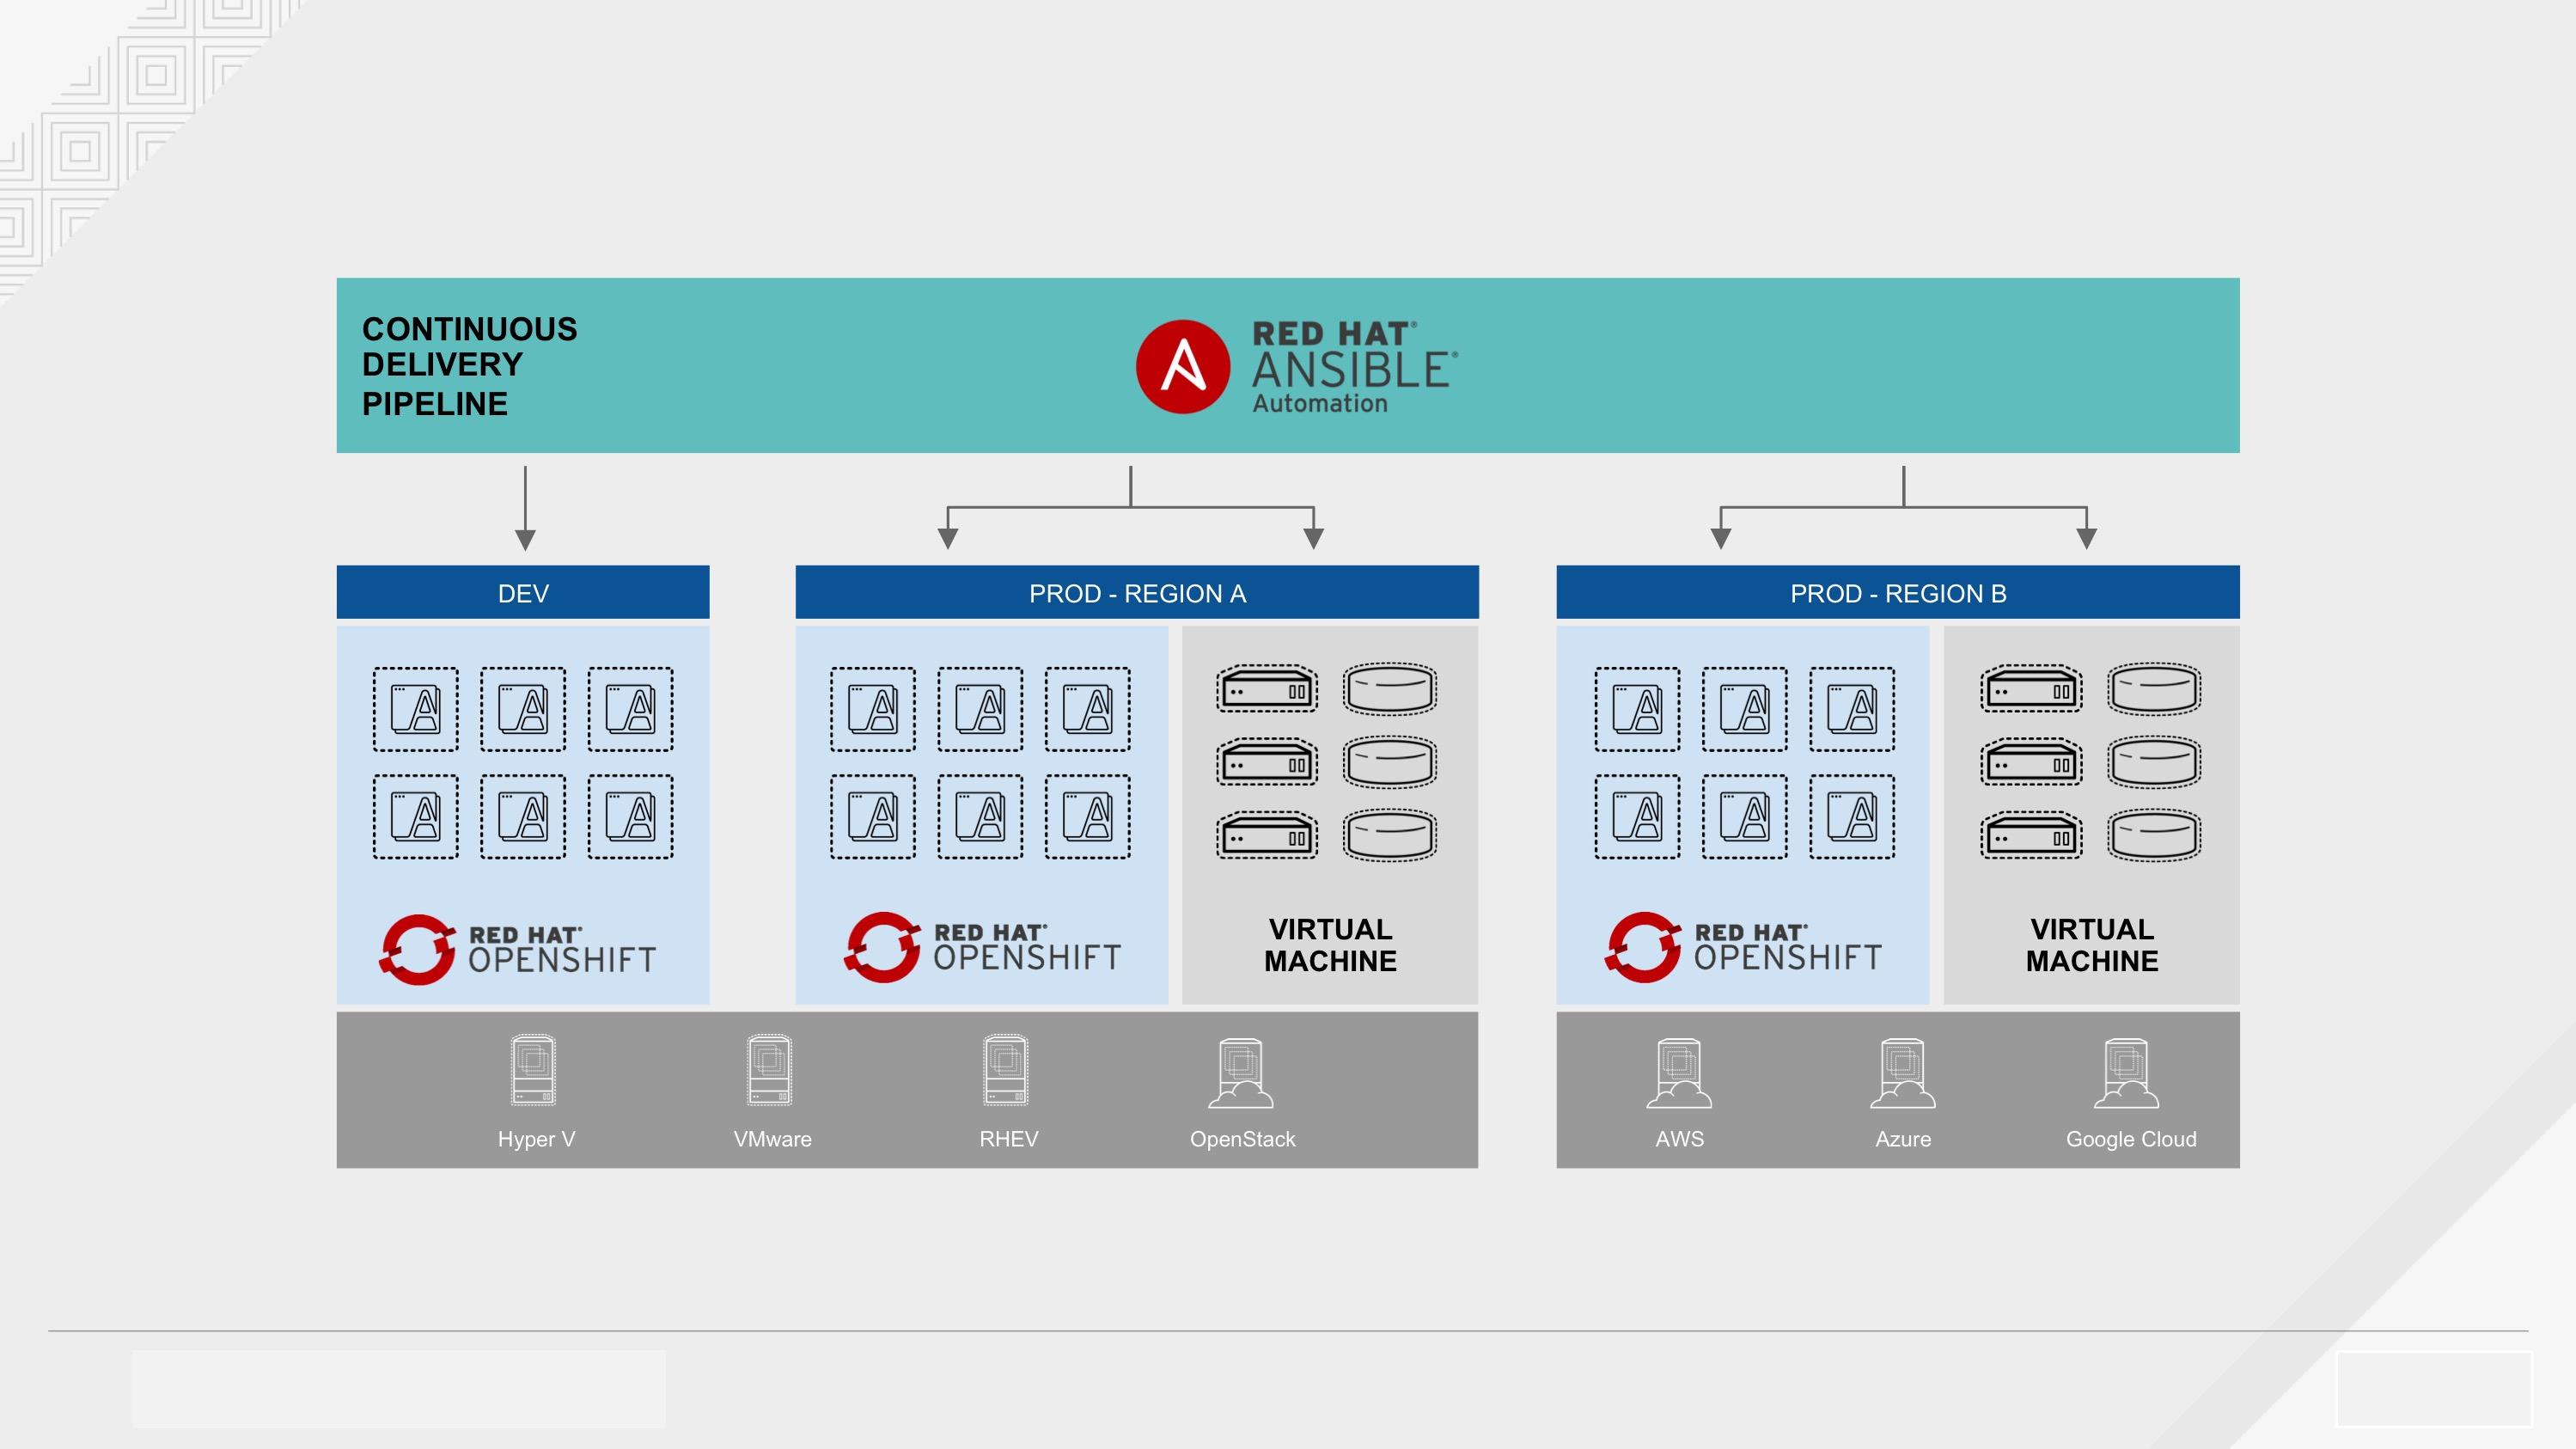 Continuous-Delivery-Pipelinie - Durch eine Kombination von Red Hat Ansible Automation und Red Hat OpenShift Container Platform können Unternehmen die Bereitstellung und Verteilung hybrider Anwendungen automatisieren, und diese auf OpenShift sowie auf anderen On-Premises- und Cloud-Plattformen implementieren und betreiben (Quelle: Red Hat). (Abb. 2)